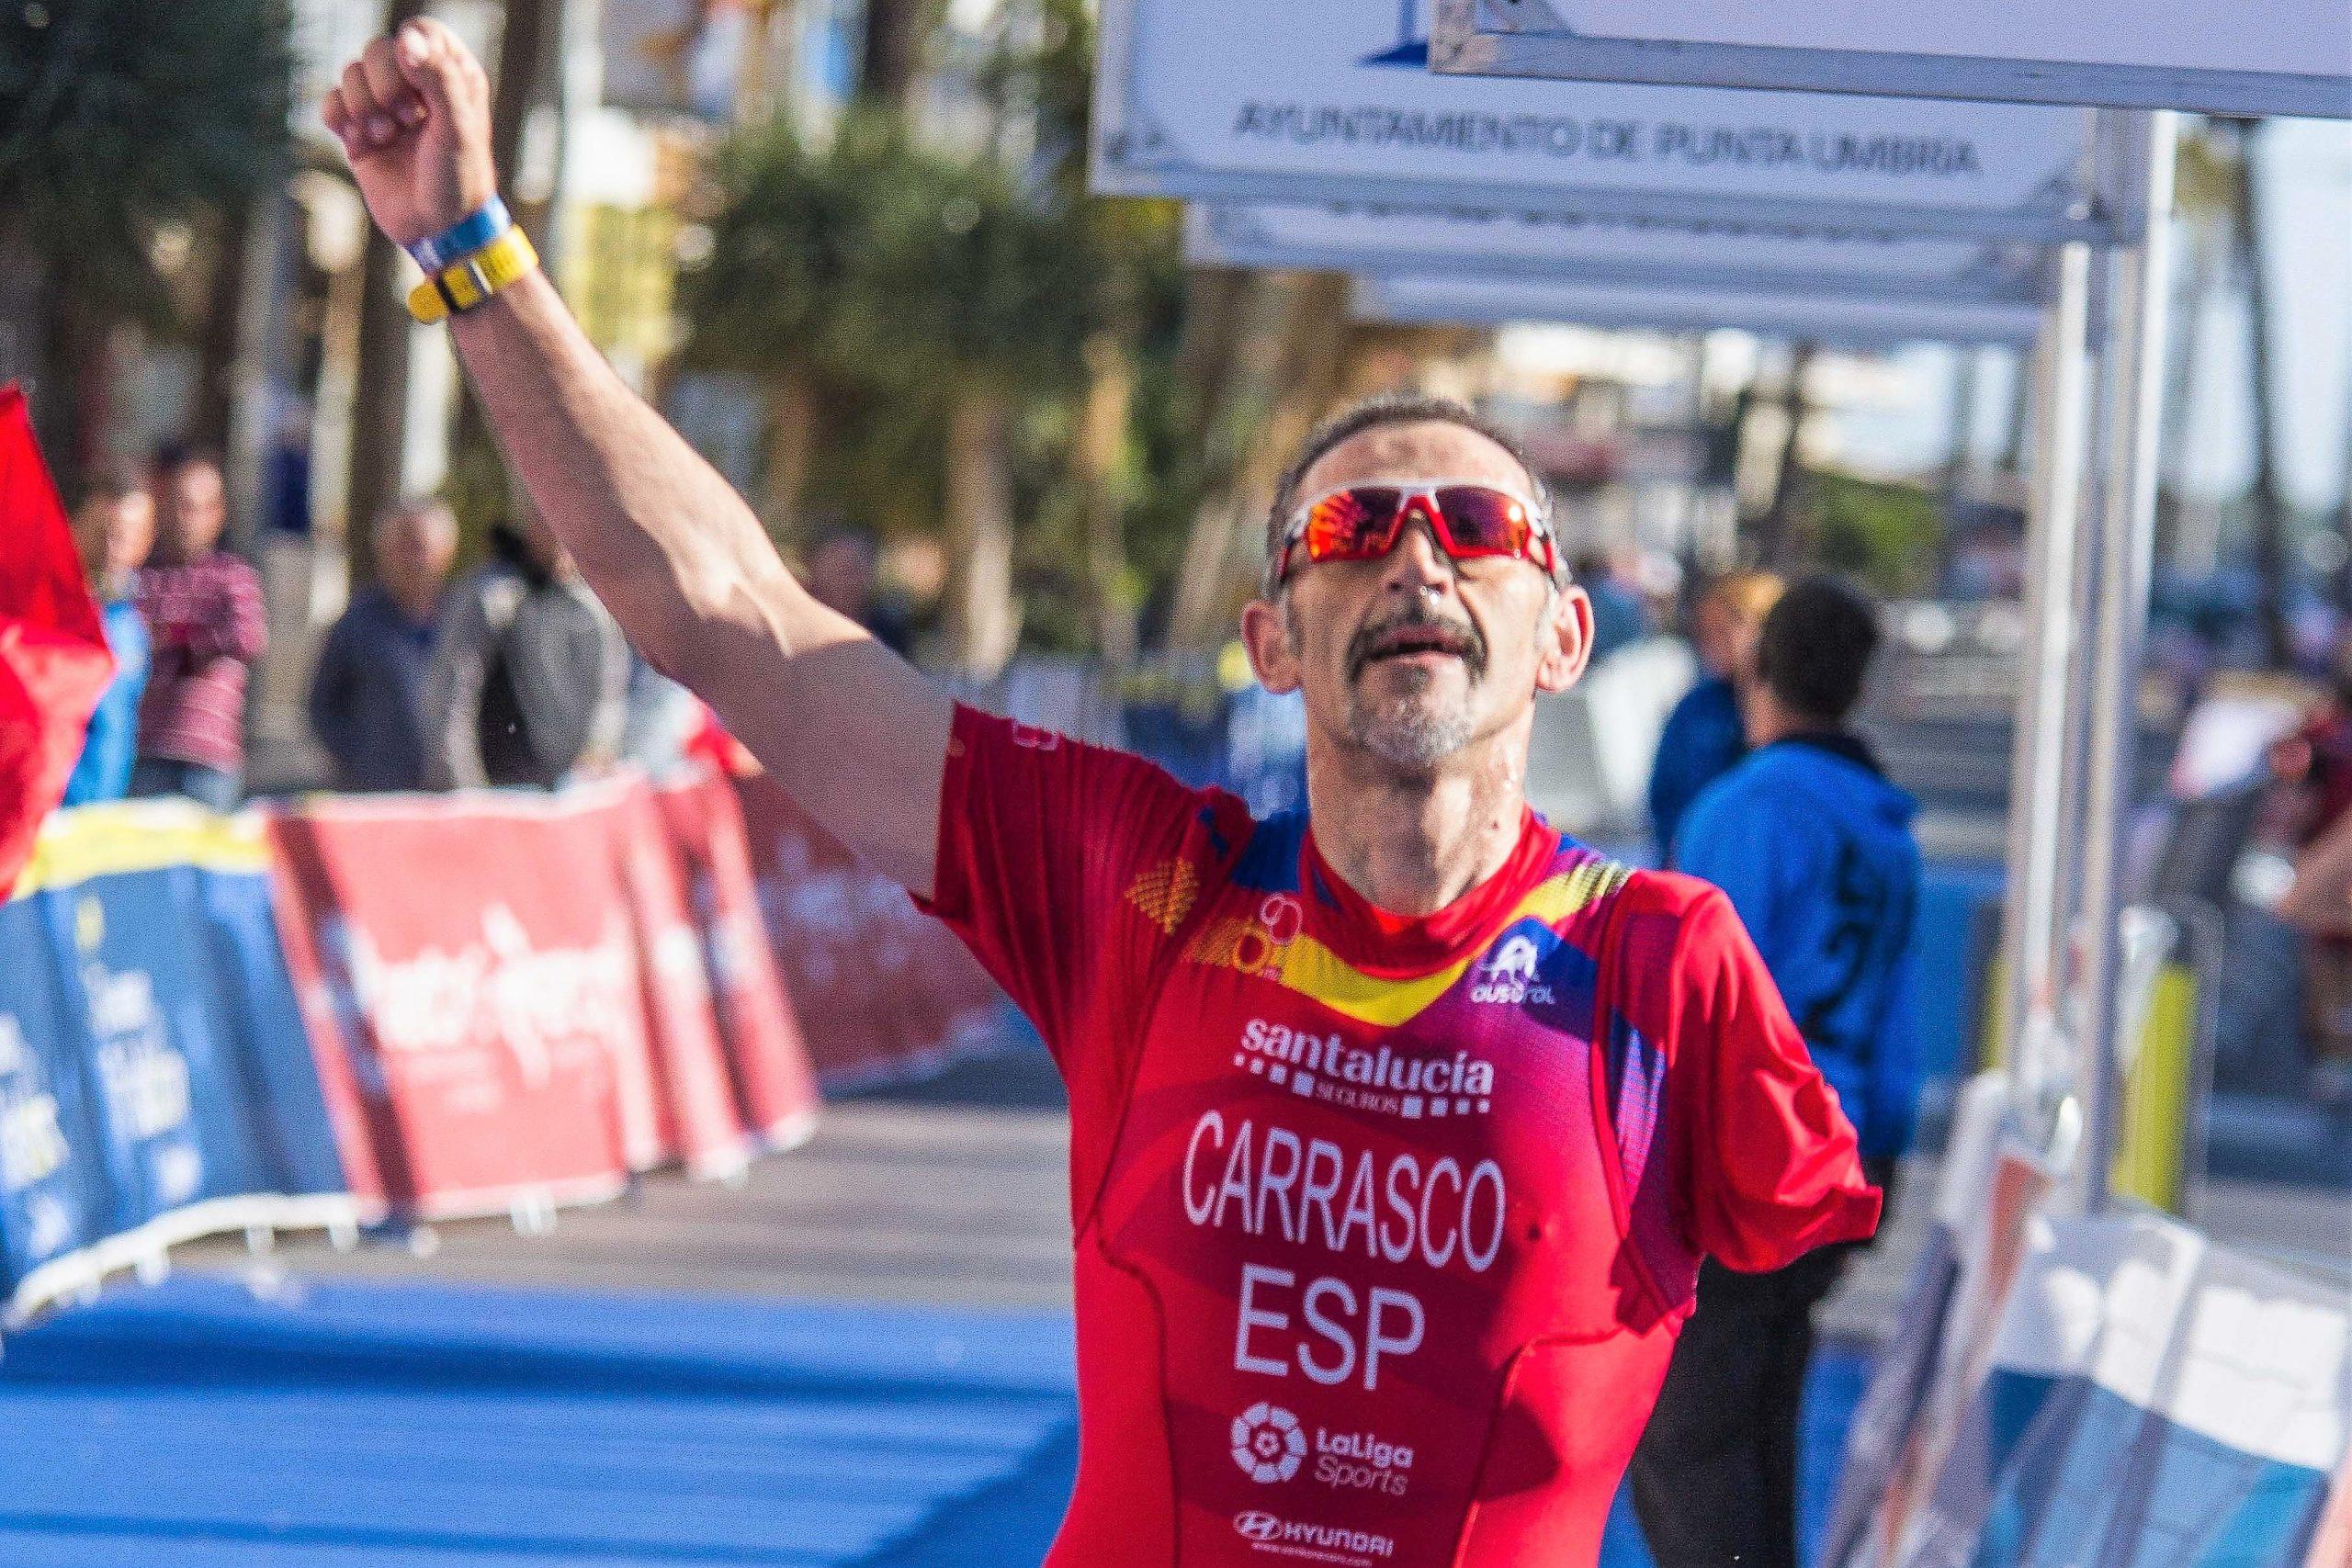 Kini Carrasco, distinguido con la Medalla de Extremadura